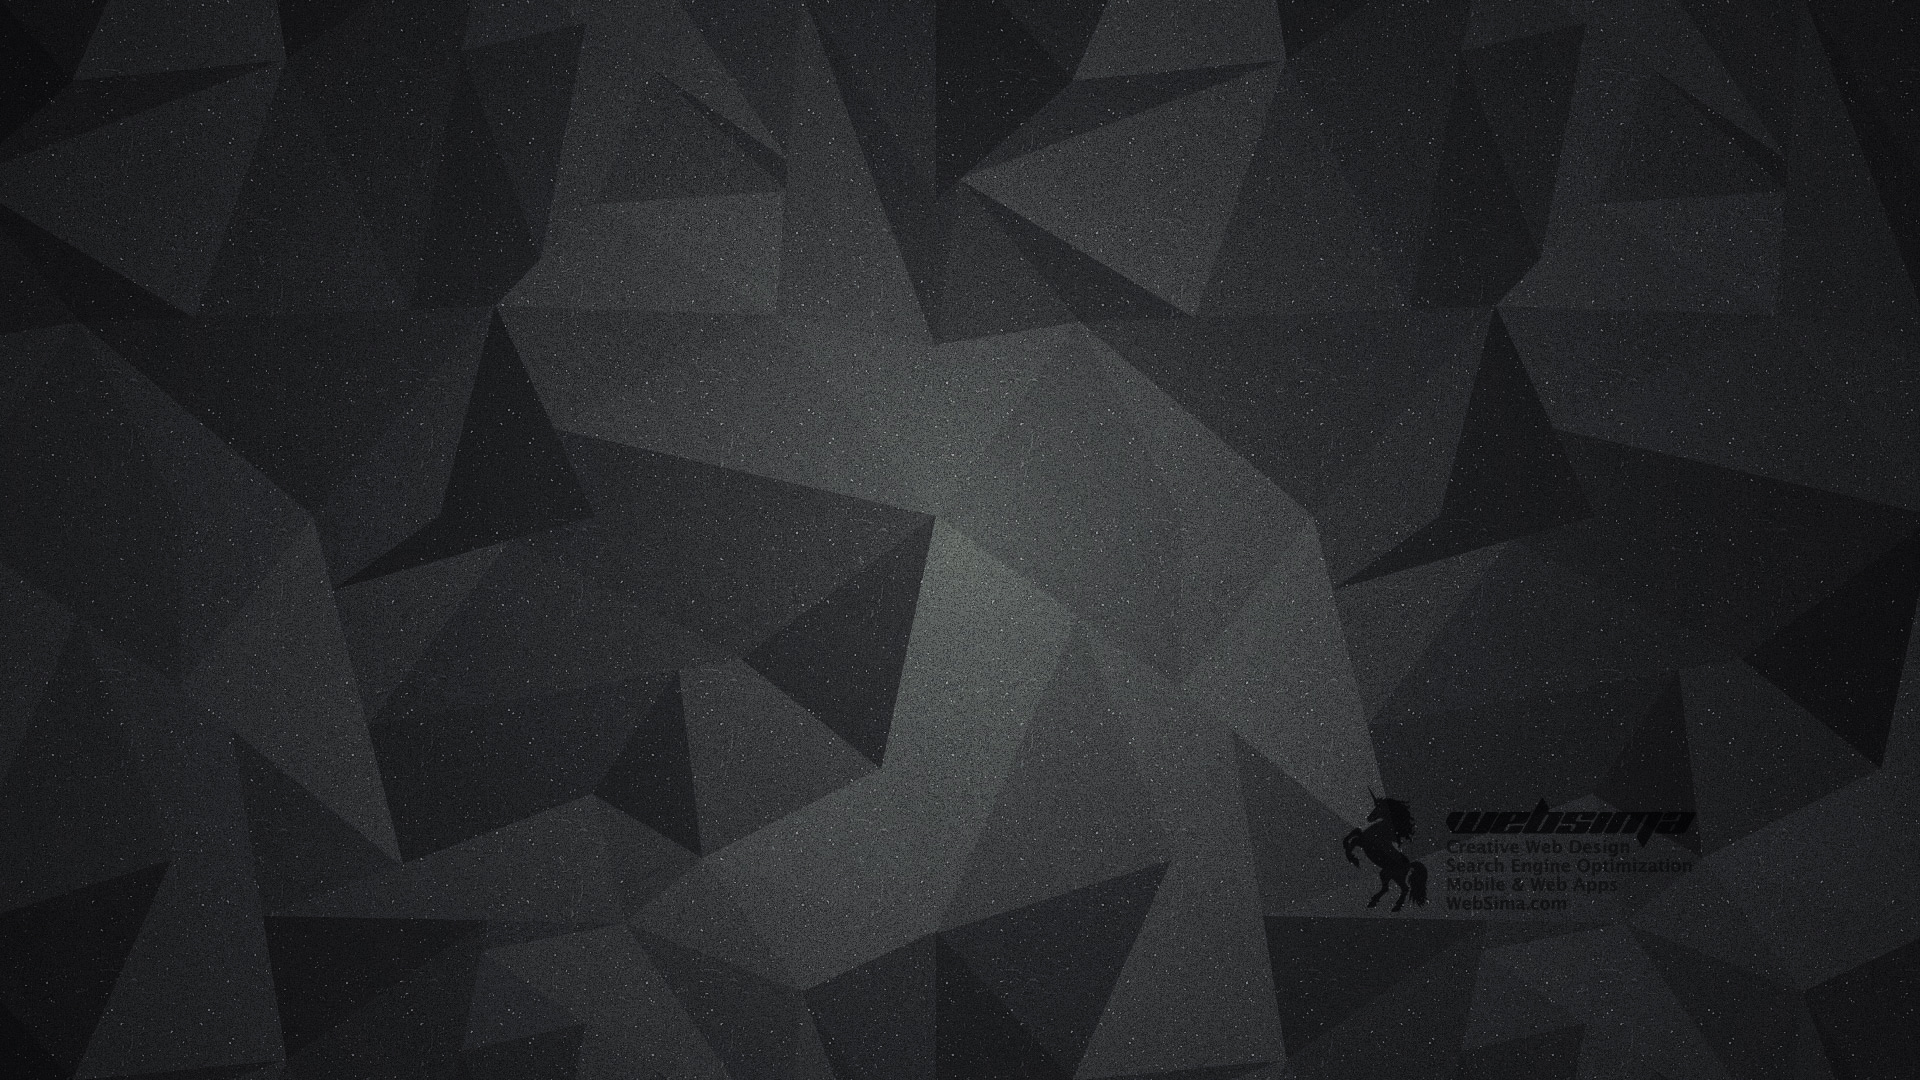 عکس سیاه و سفید پس زمینه